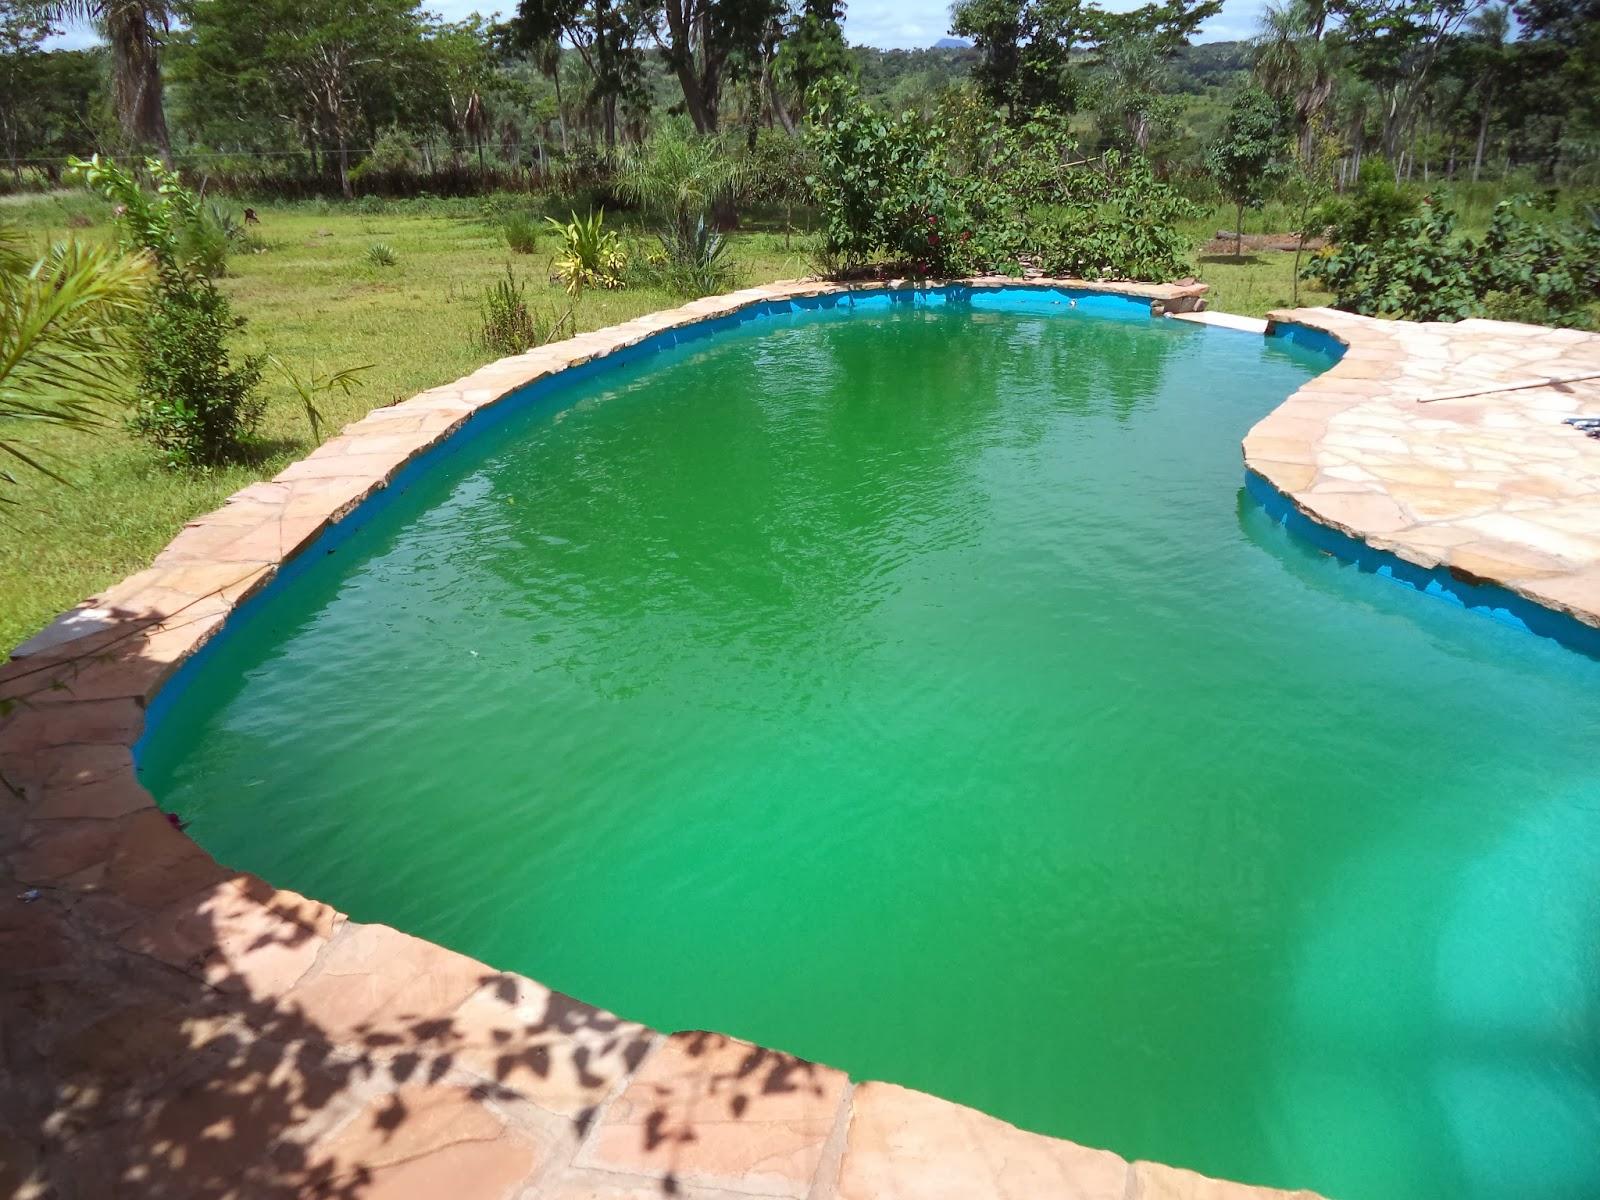 nach paraguay auswandern und leben auf der farm wenn der pool gr n ist. Black Bedroom Furniture Sets. Home Design Ideas